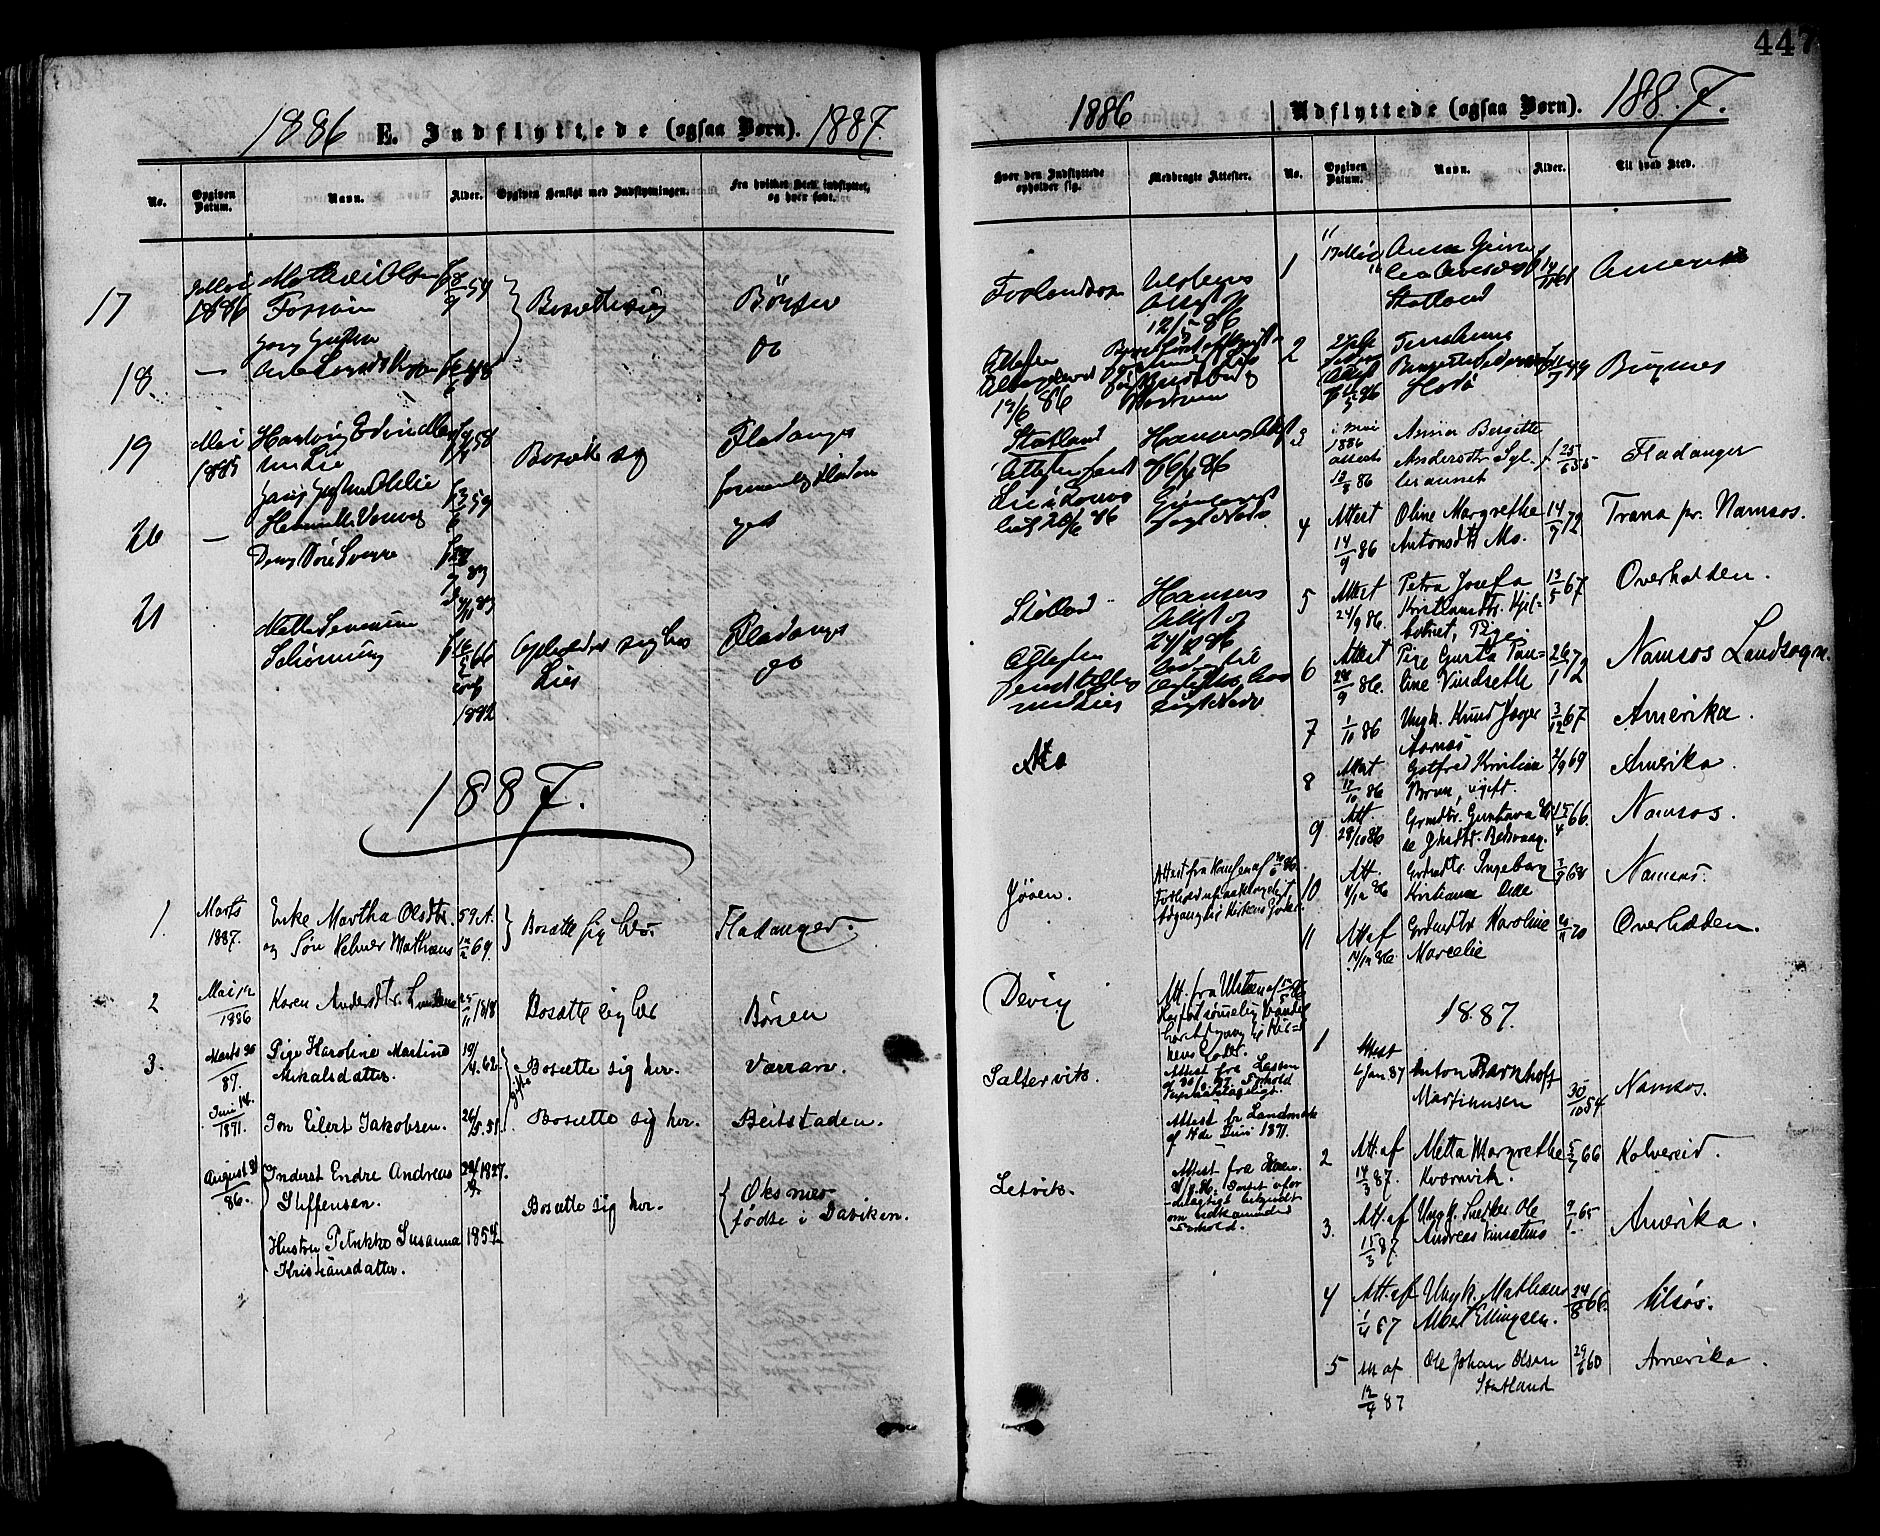 SAT, Ministerialprotokoller, klokkerbøker og fødselsregistre - Nord-Trøndelag, 773/L0616: Ministerialbok nr. 773A07, 1870-1887, s. 447